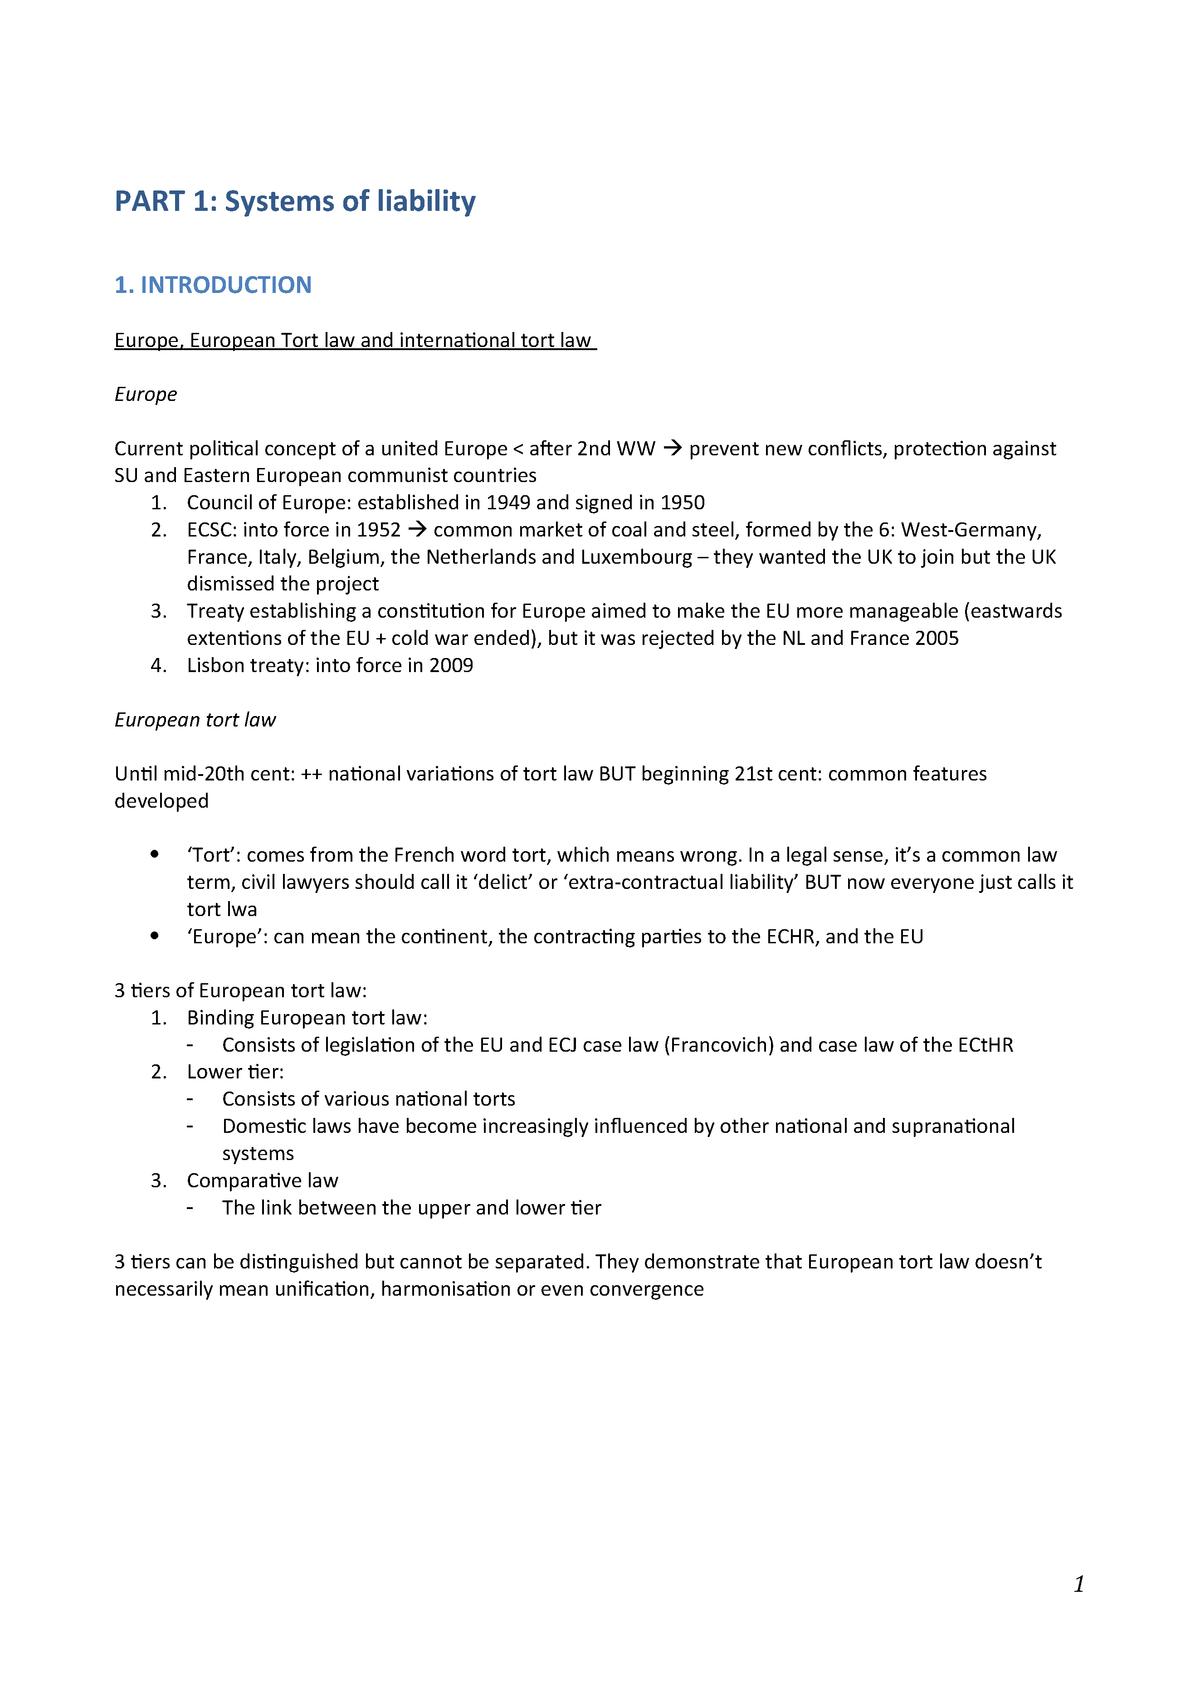 Summary European Tort Law 08 Jul 2018 - StuDocu